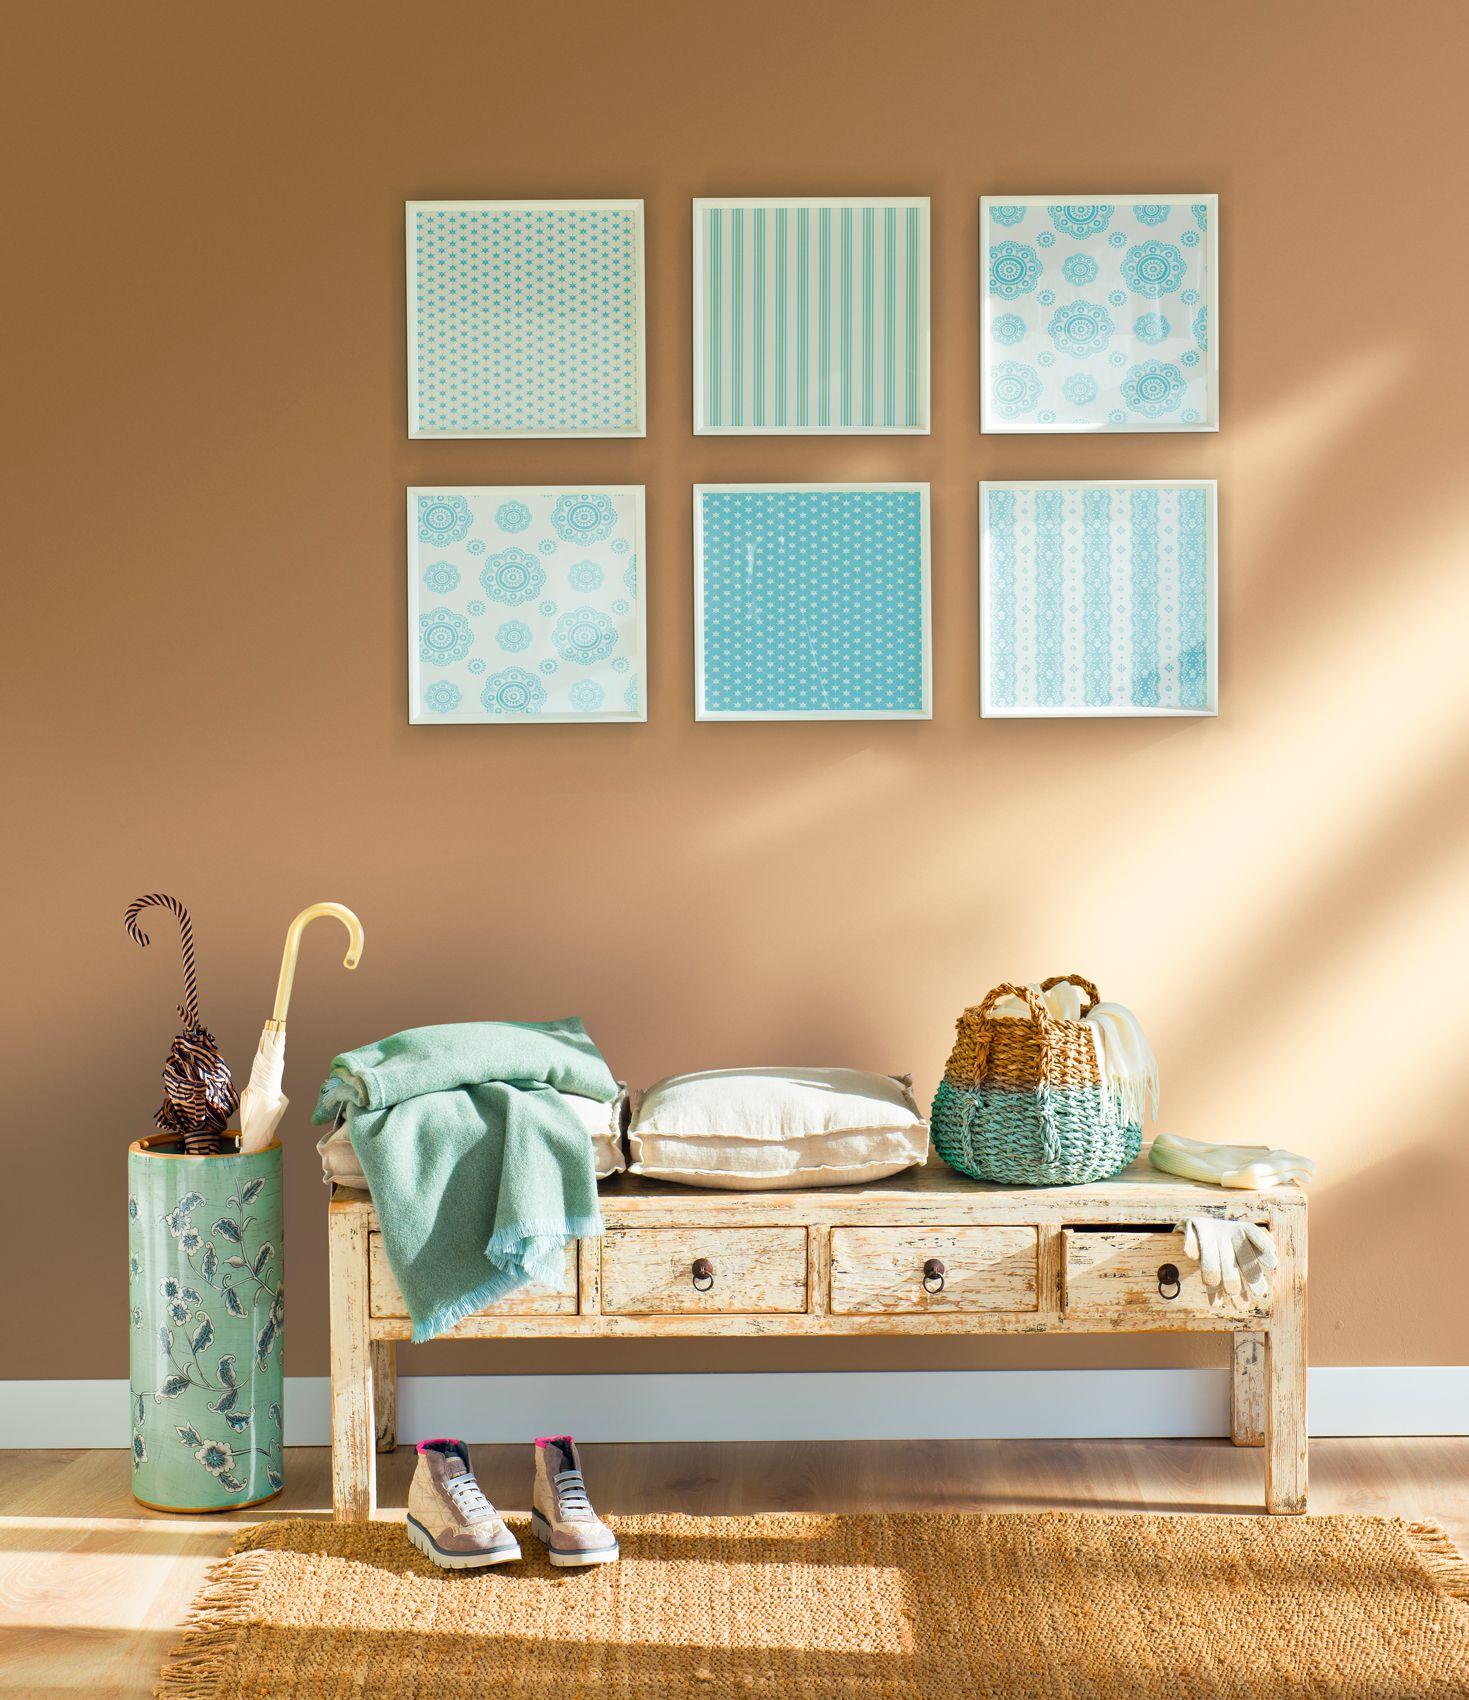 Recibidor con paragüero, banco de madera y cuadros en tonos azules y ...